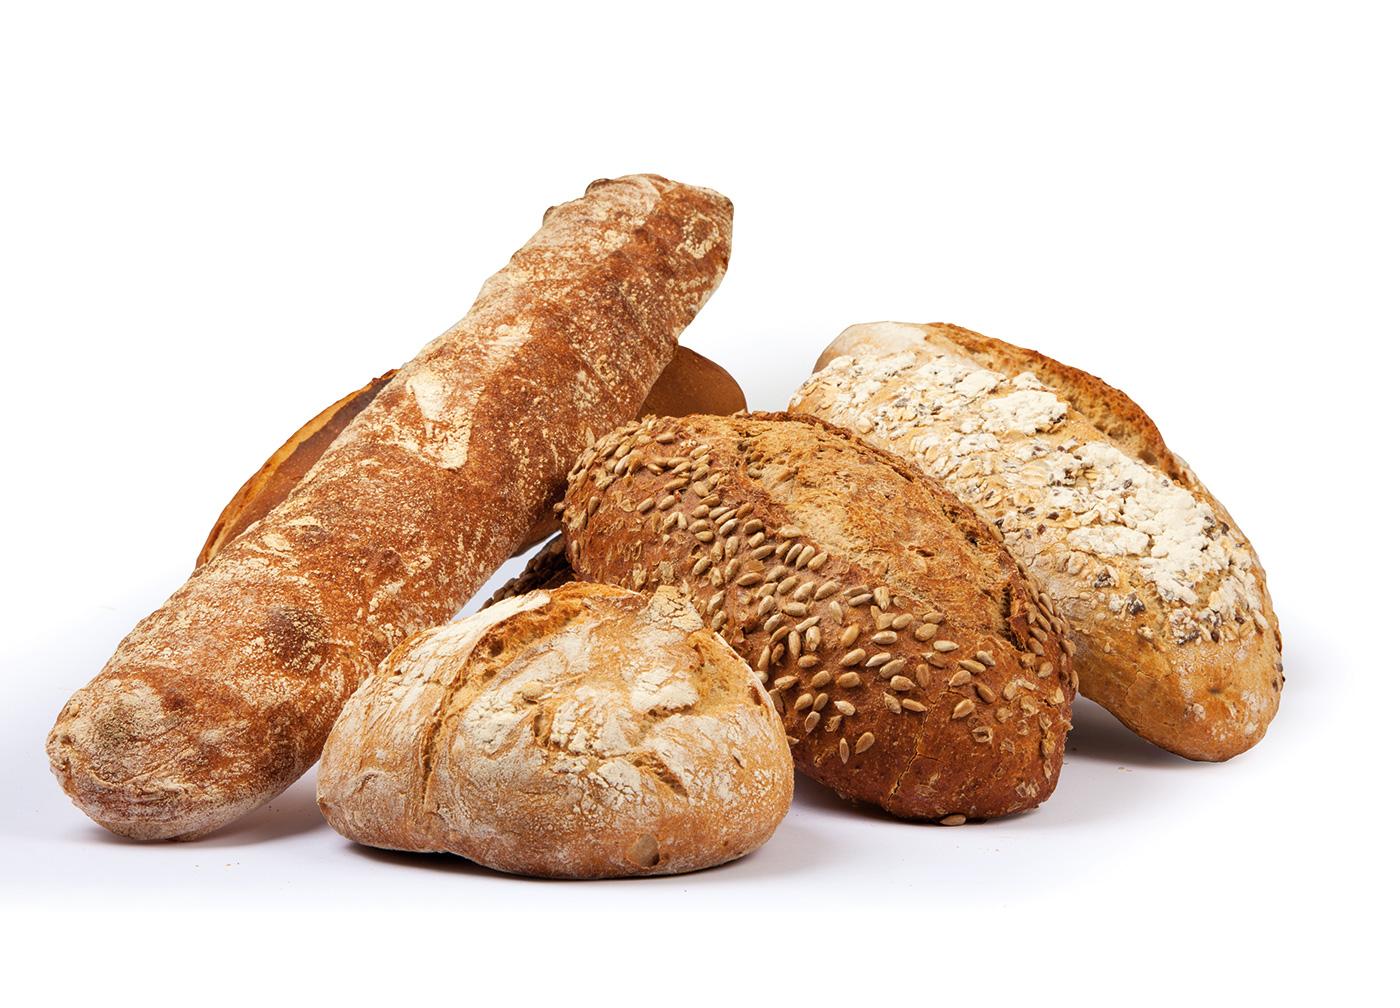 Fotografies de pans especials de Bonblat Osona